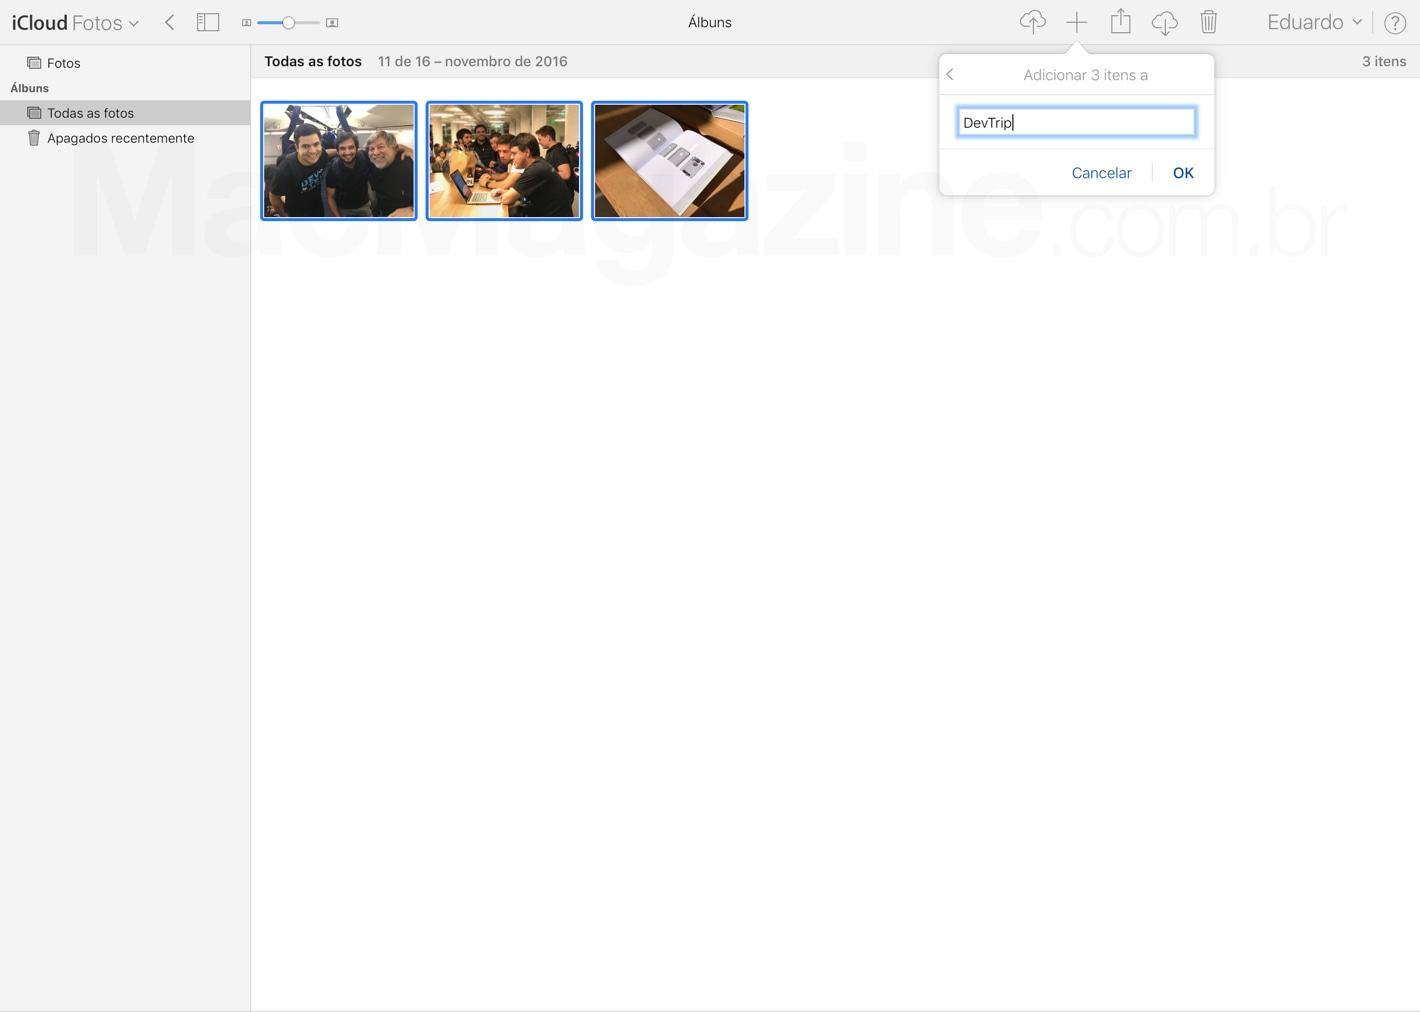 Web app Fotos do iCloud.com